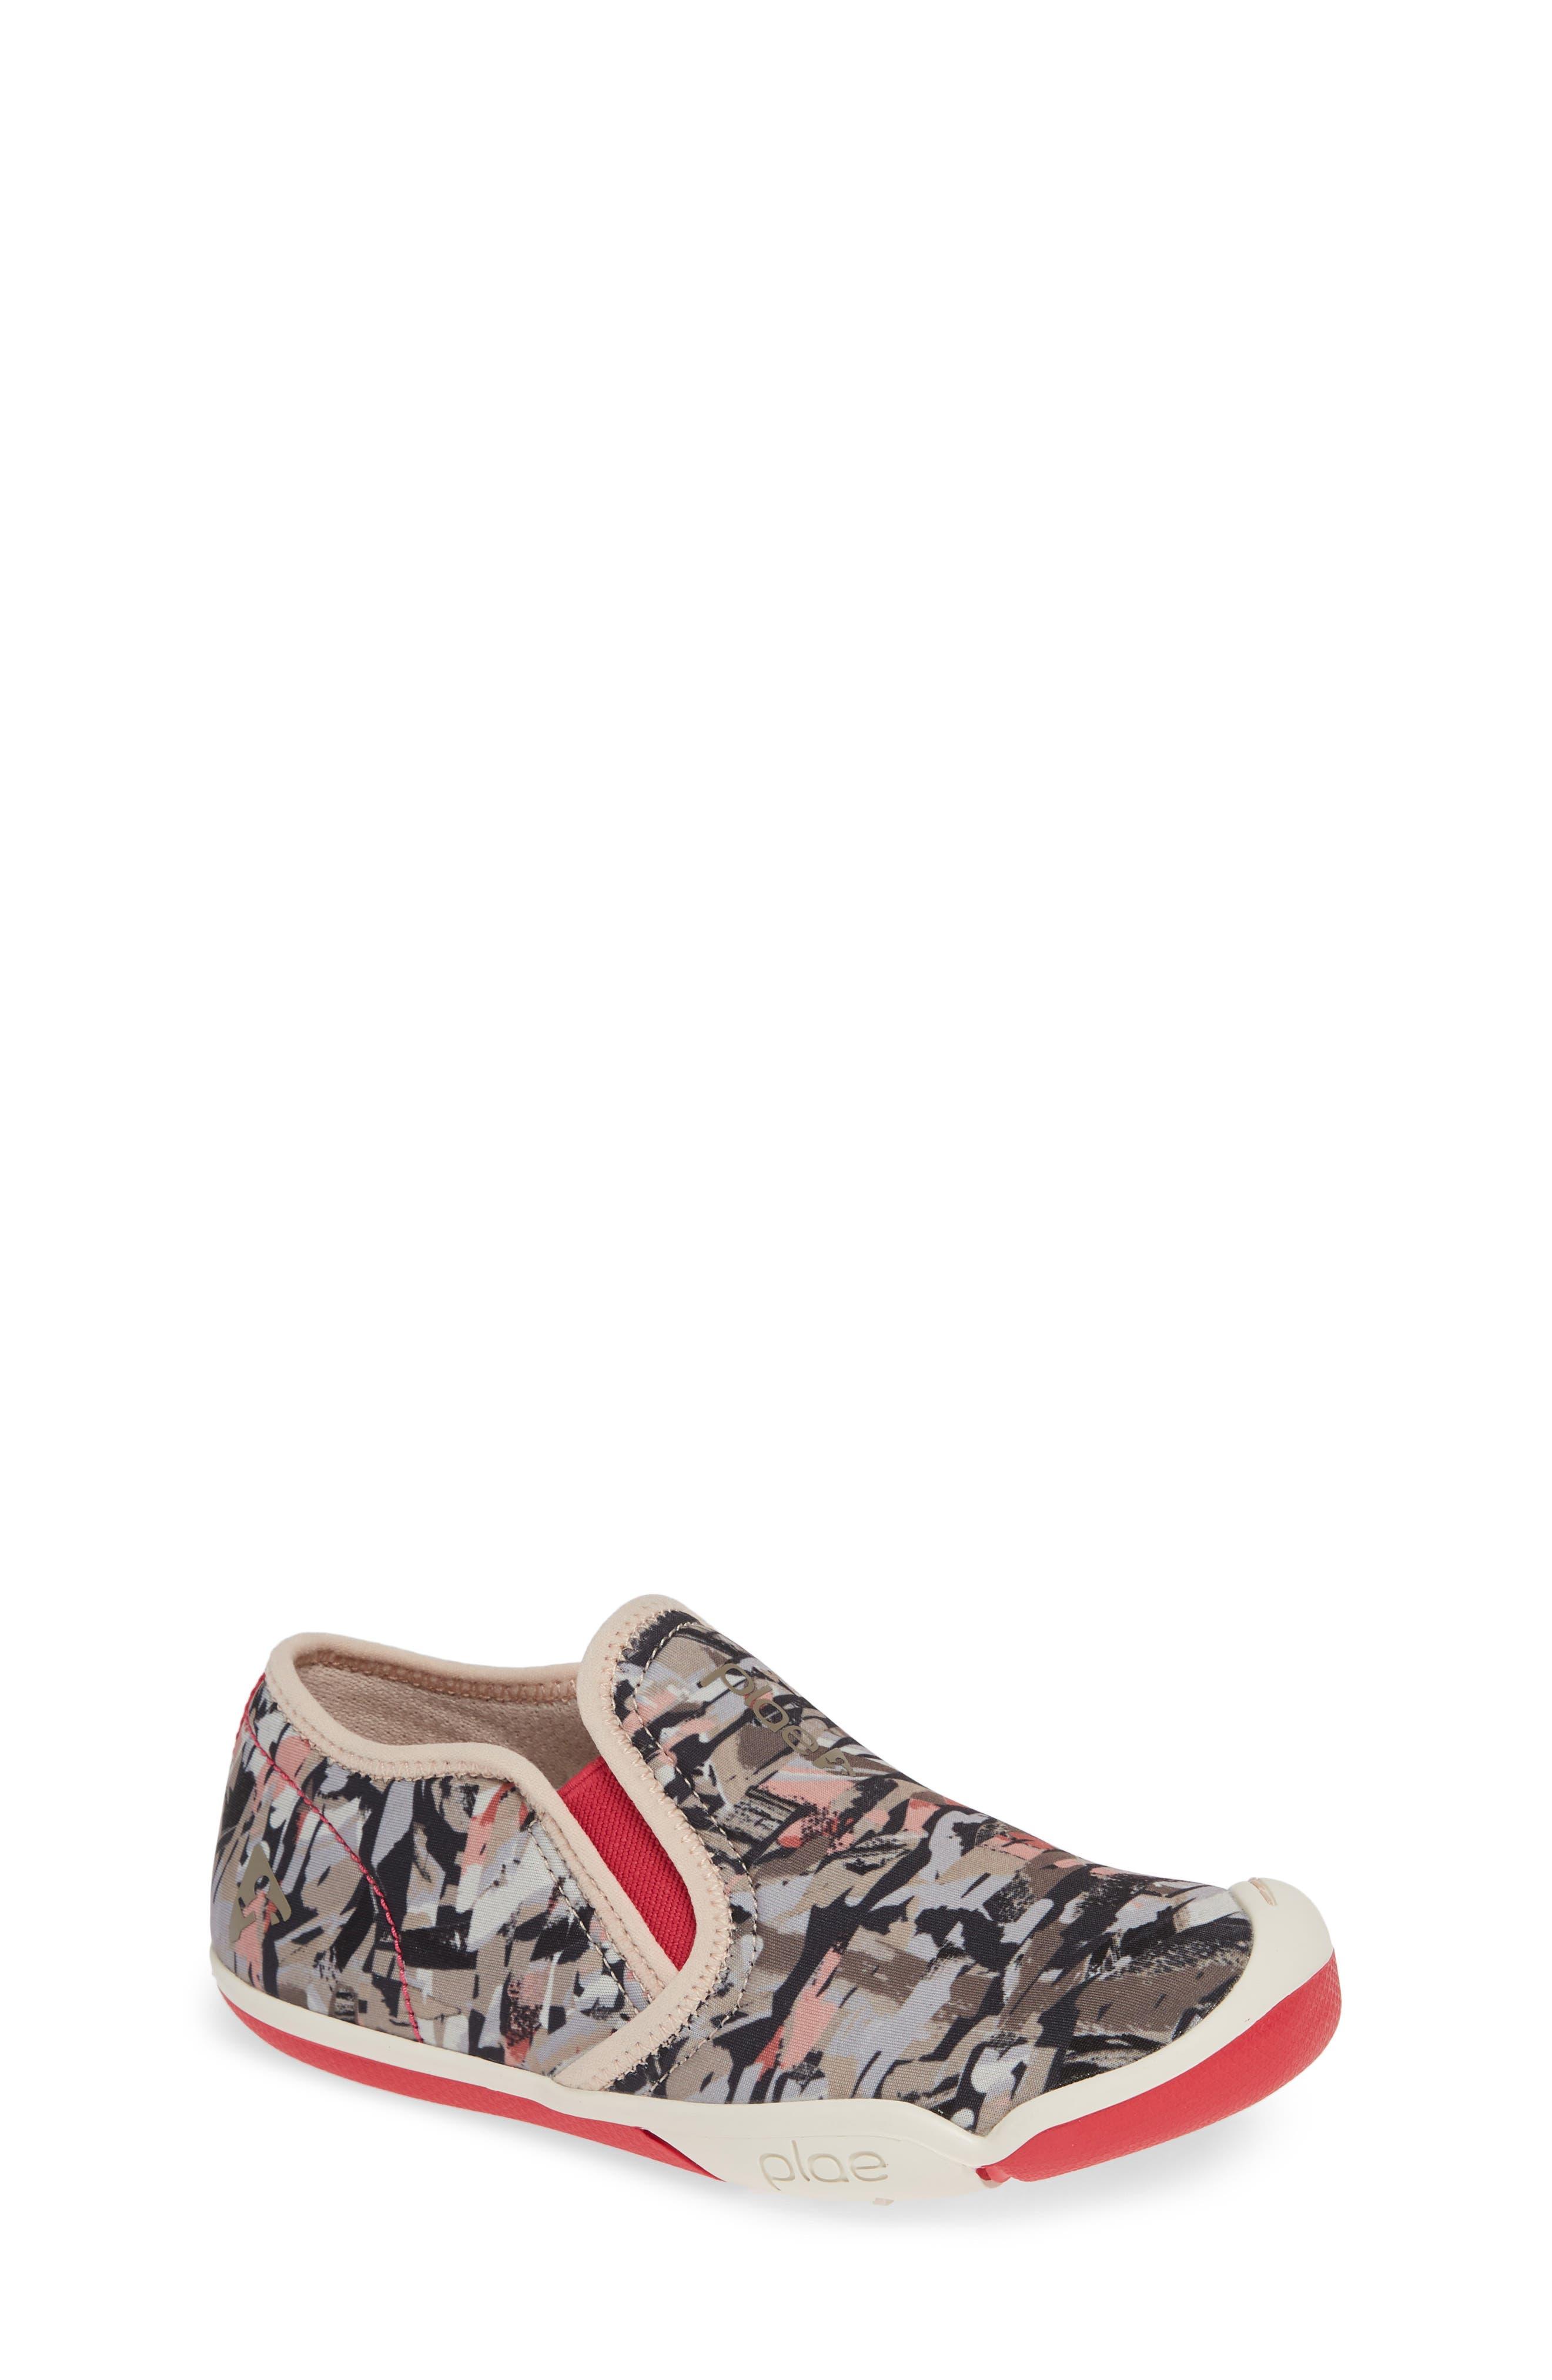 PLAE   Migi Slip-On Sneaker   Nordstrom